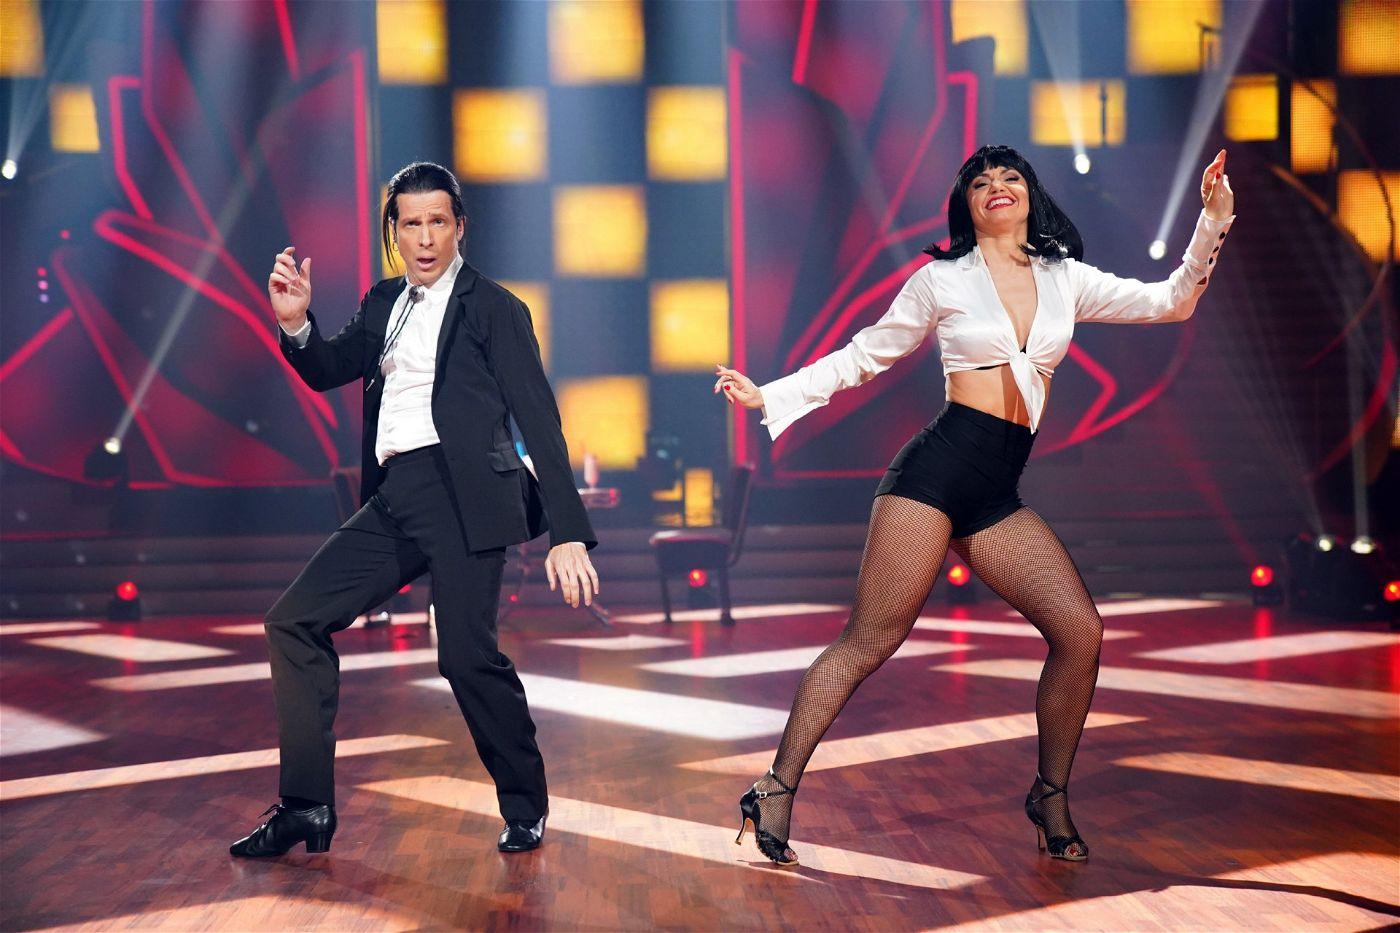 """Pocher als John Travolta – oder besser gesagt als dessen Rolle Vincent Vega im Film """"Pulp Fiction"""". Der Tanz: ein Jive."""